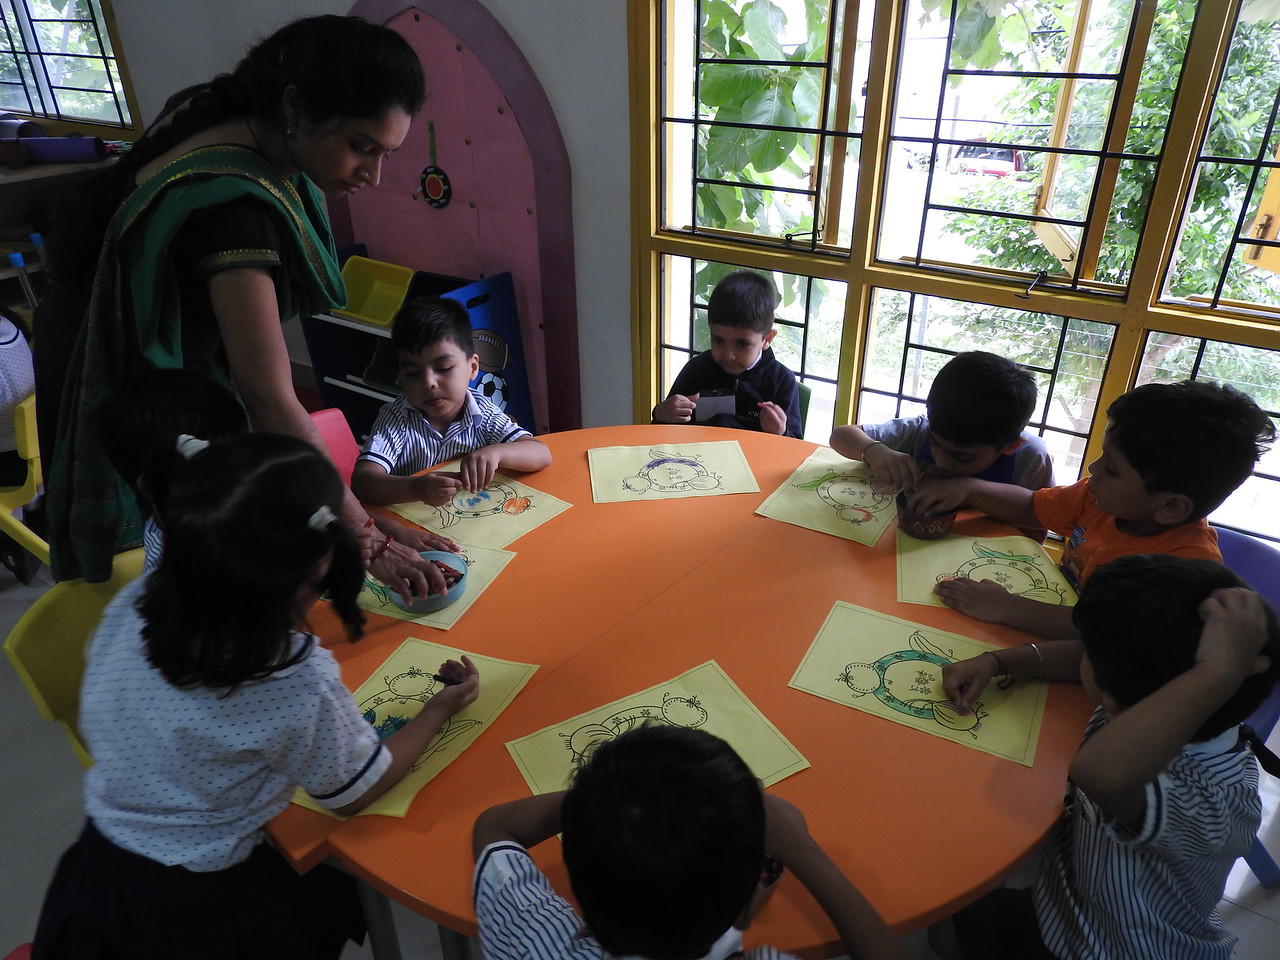 FOLLOWING ART TEACHER'S INSTRUCTIONS